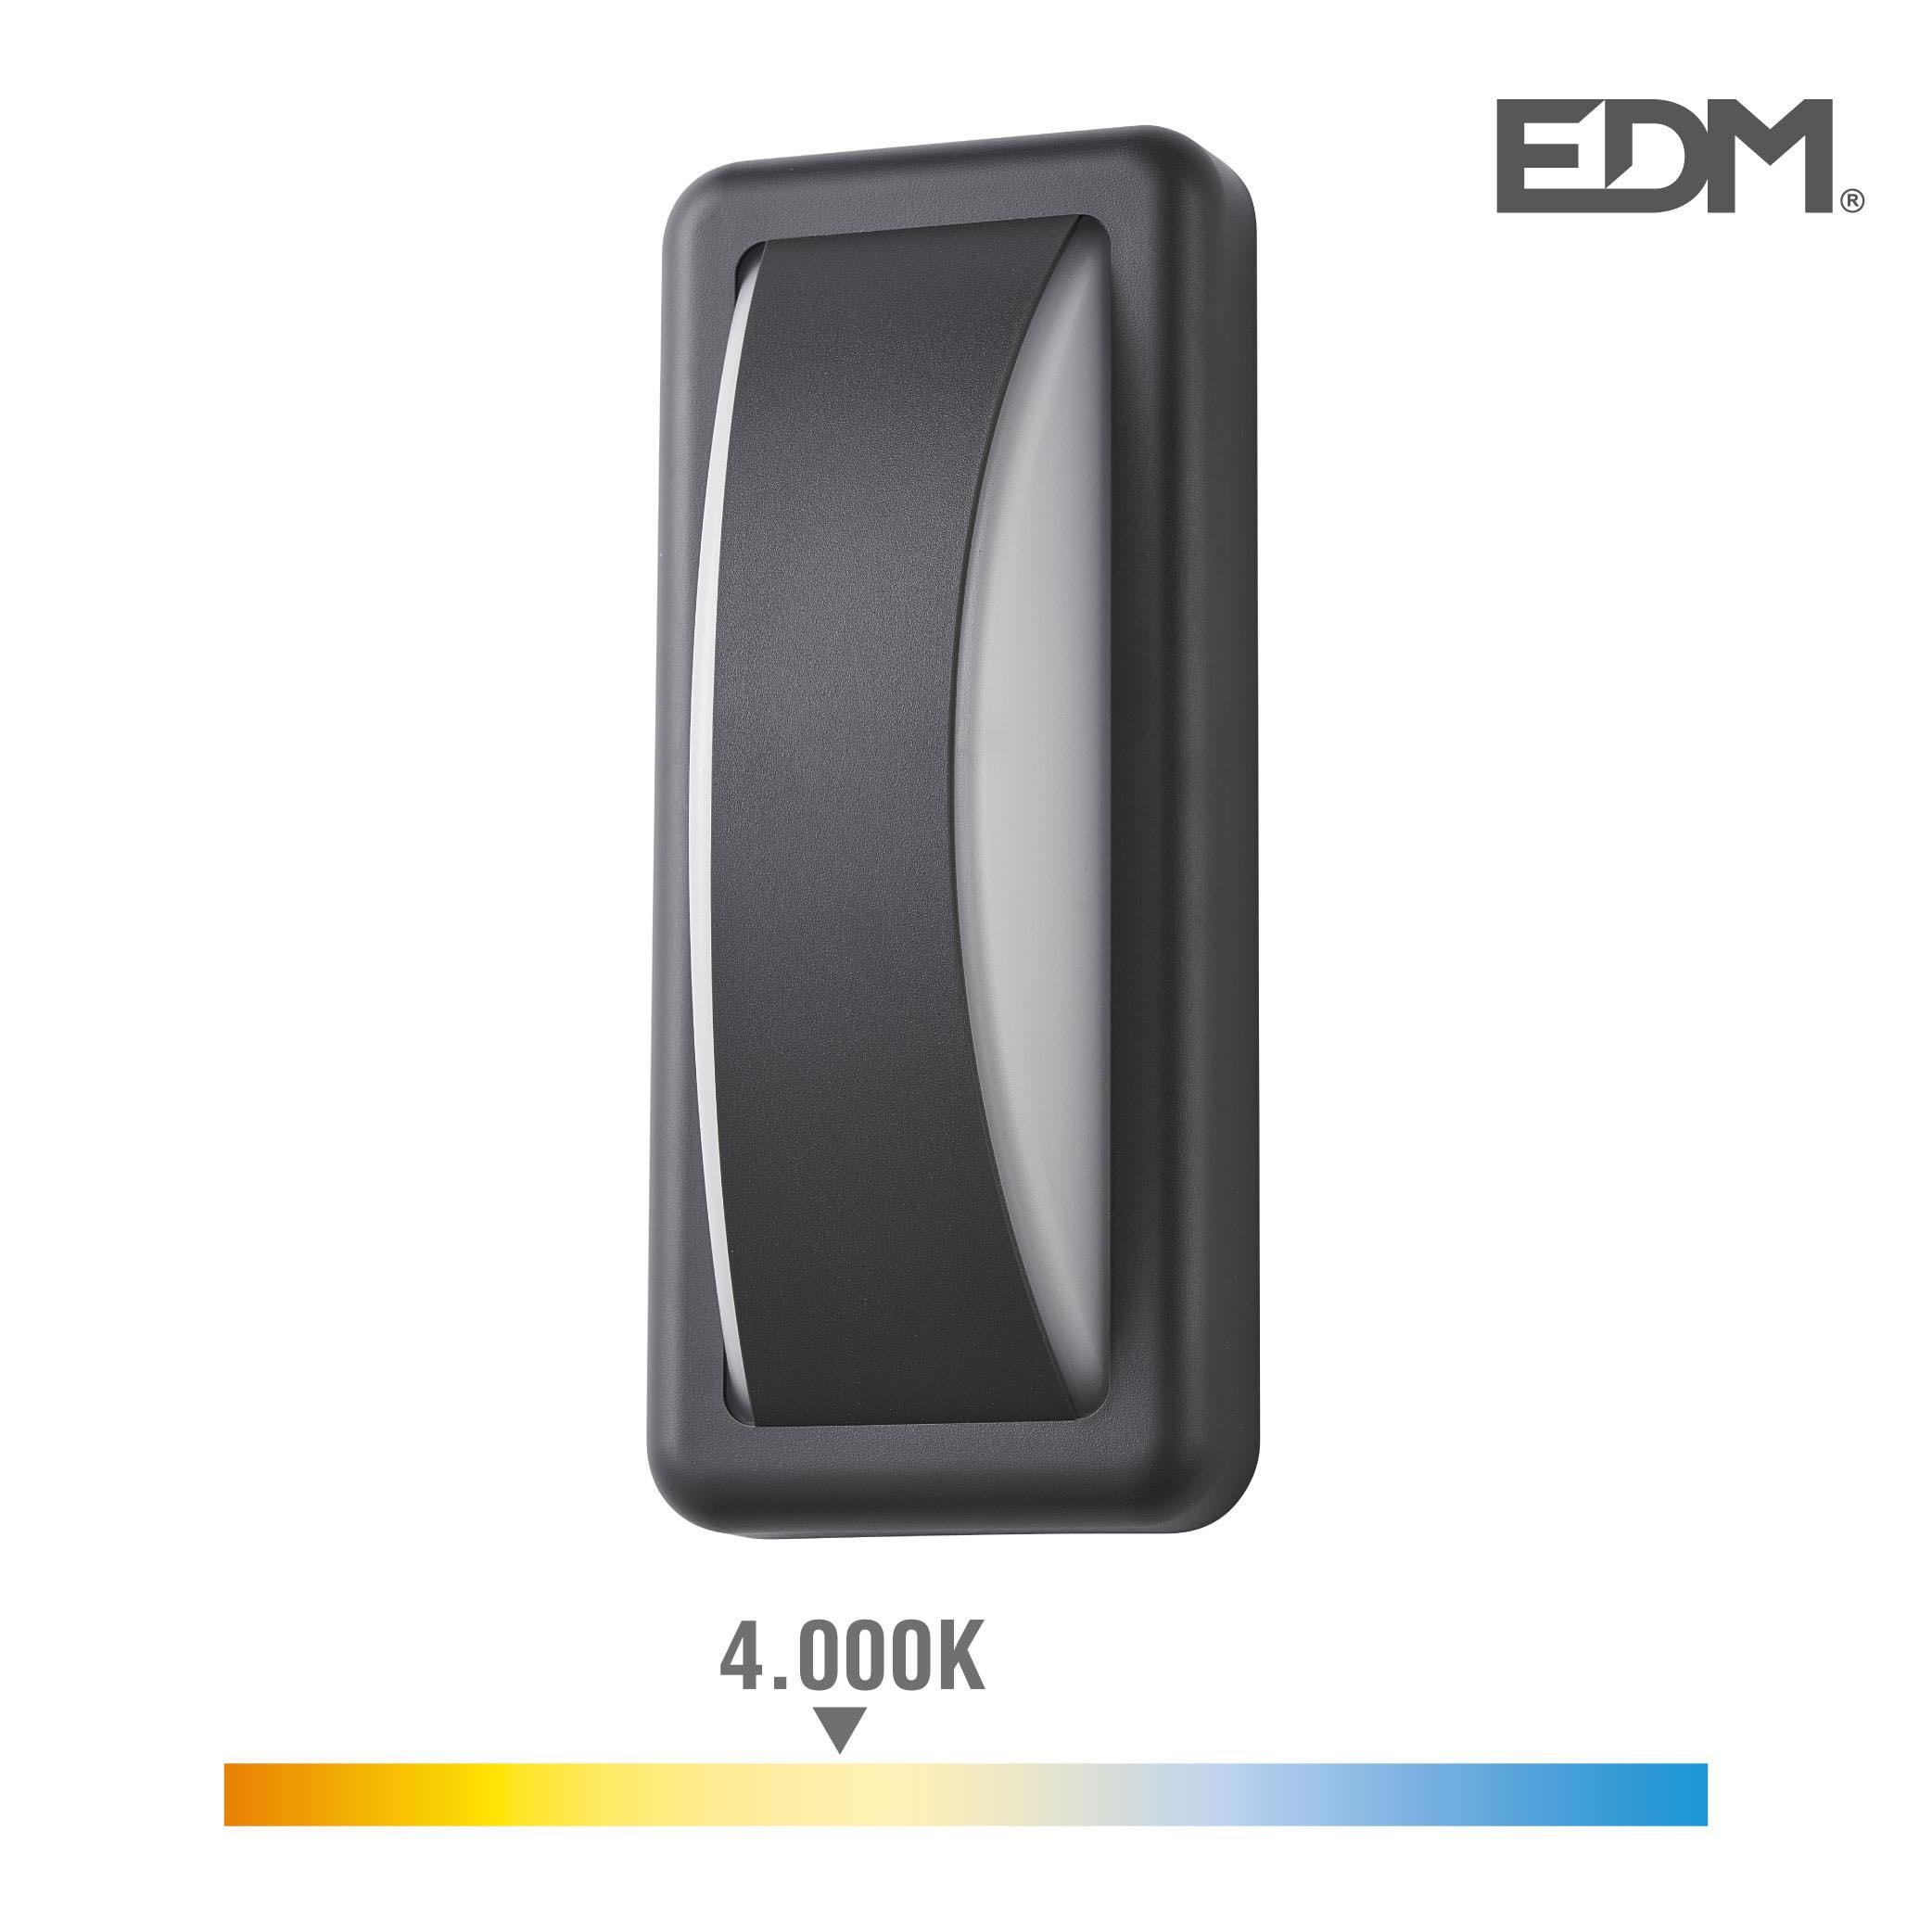 Aplique led 6w 200 lumen 4.000k luz dia ip65 rectangular edm